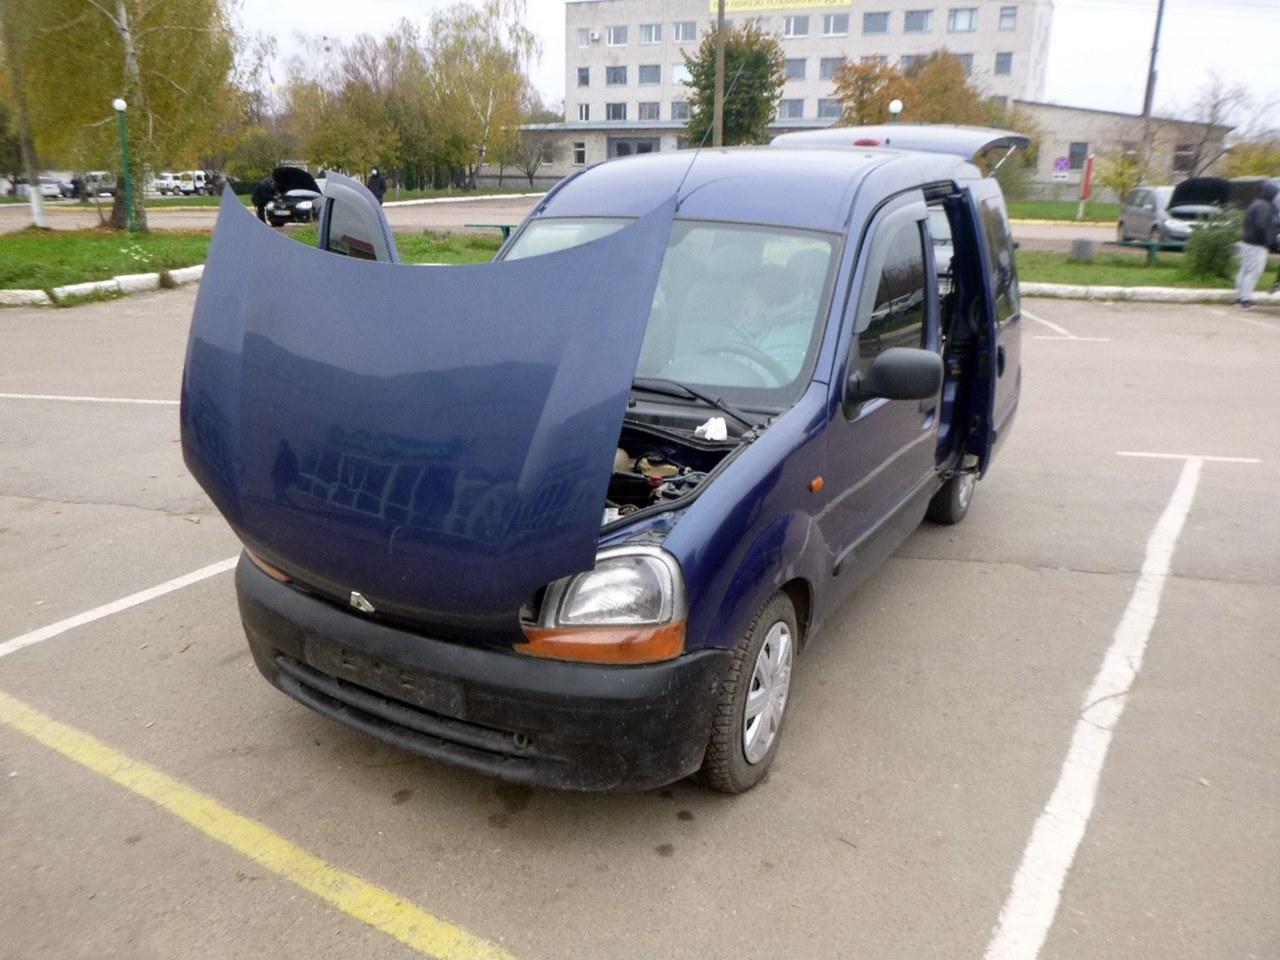 Житомирські експерти виявили ряд транспортних засобів зі зміненими номерами кузова та двигуна